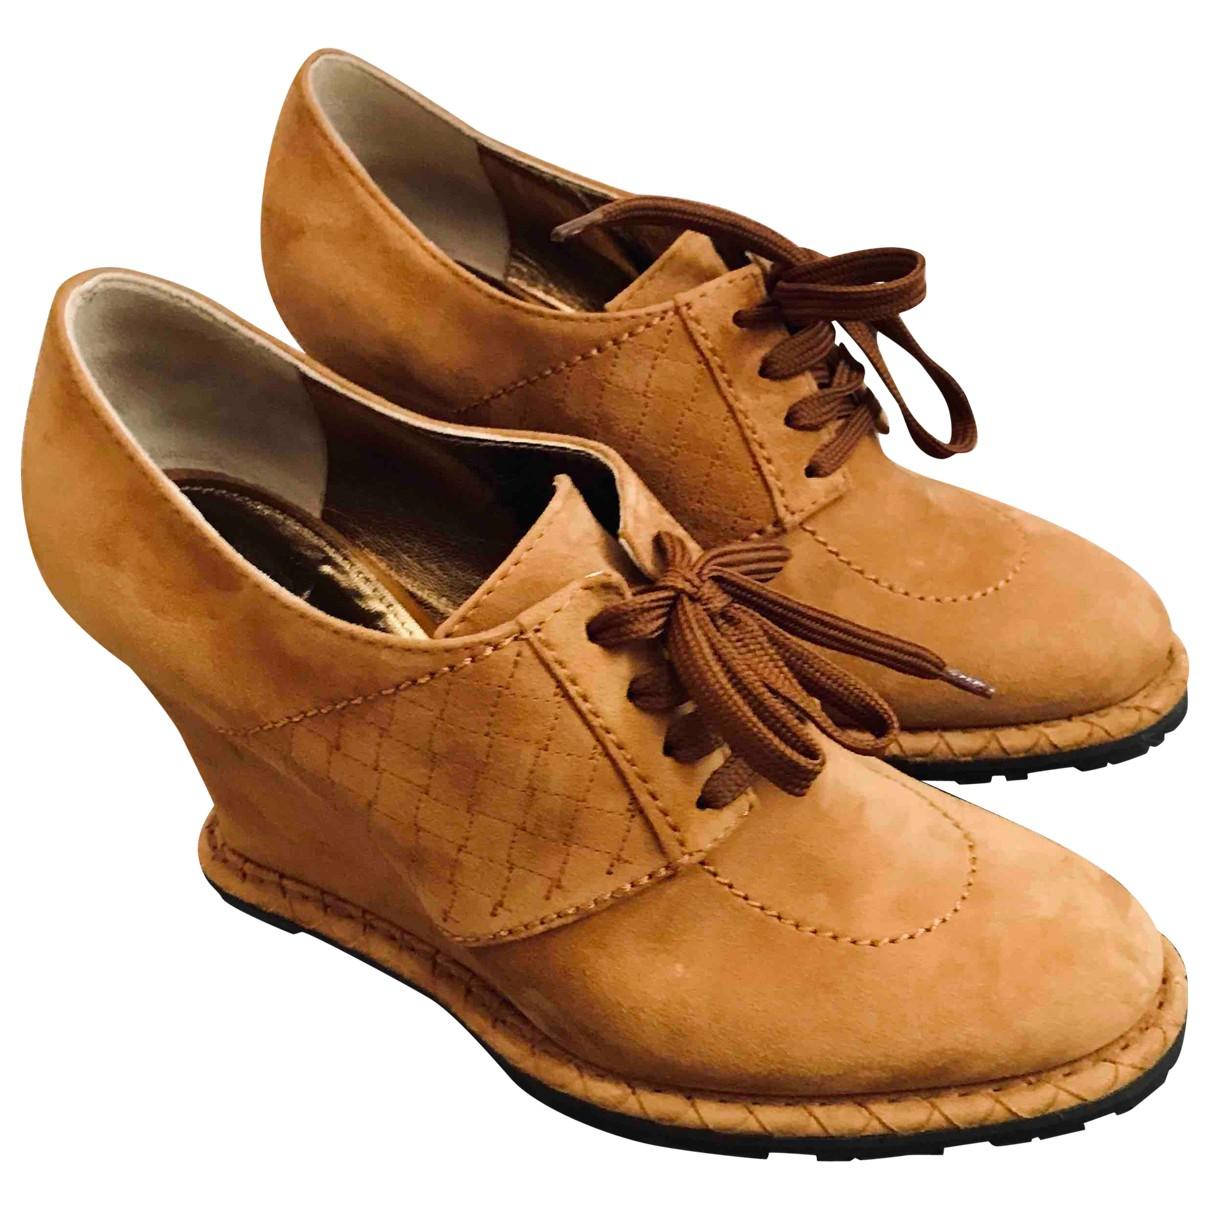 Bottega Veneta \N Camel Suede Ankle boots for Women 37 EU